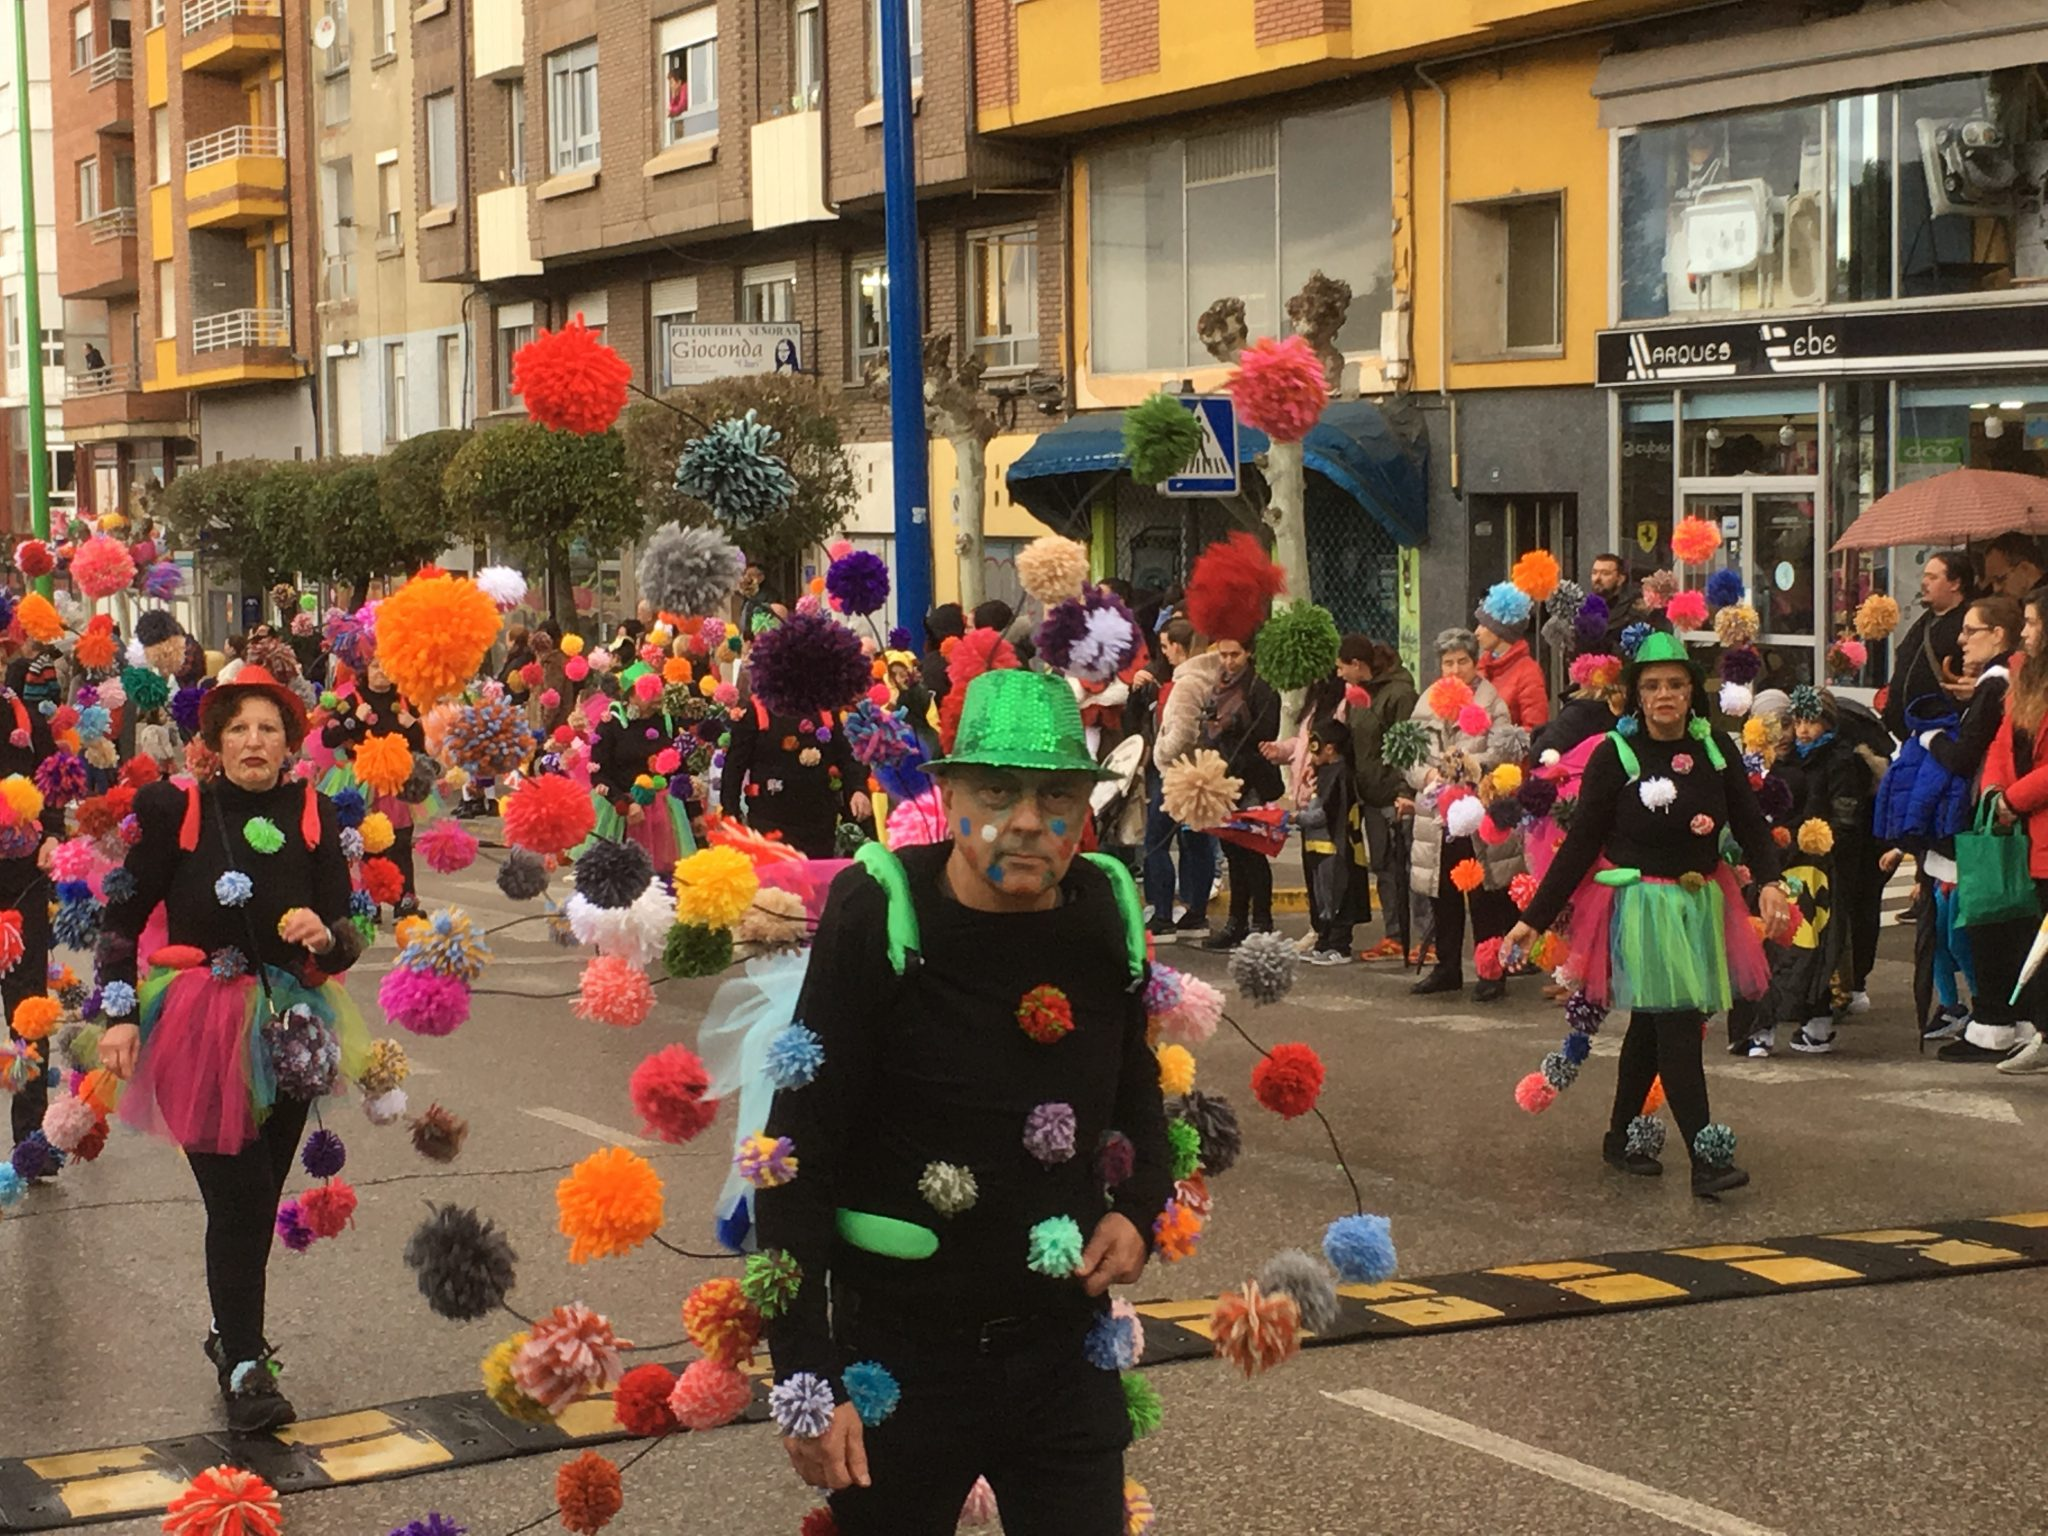 Álbum de fotos del martes de Carnaval 2019 en Ponferrada 33